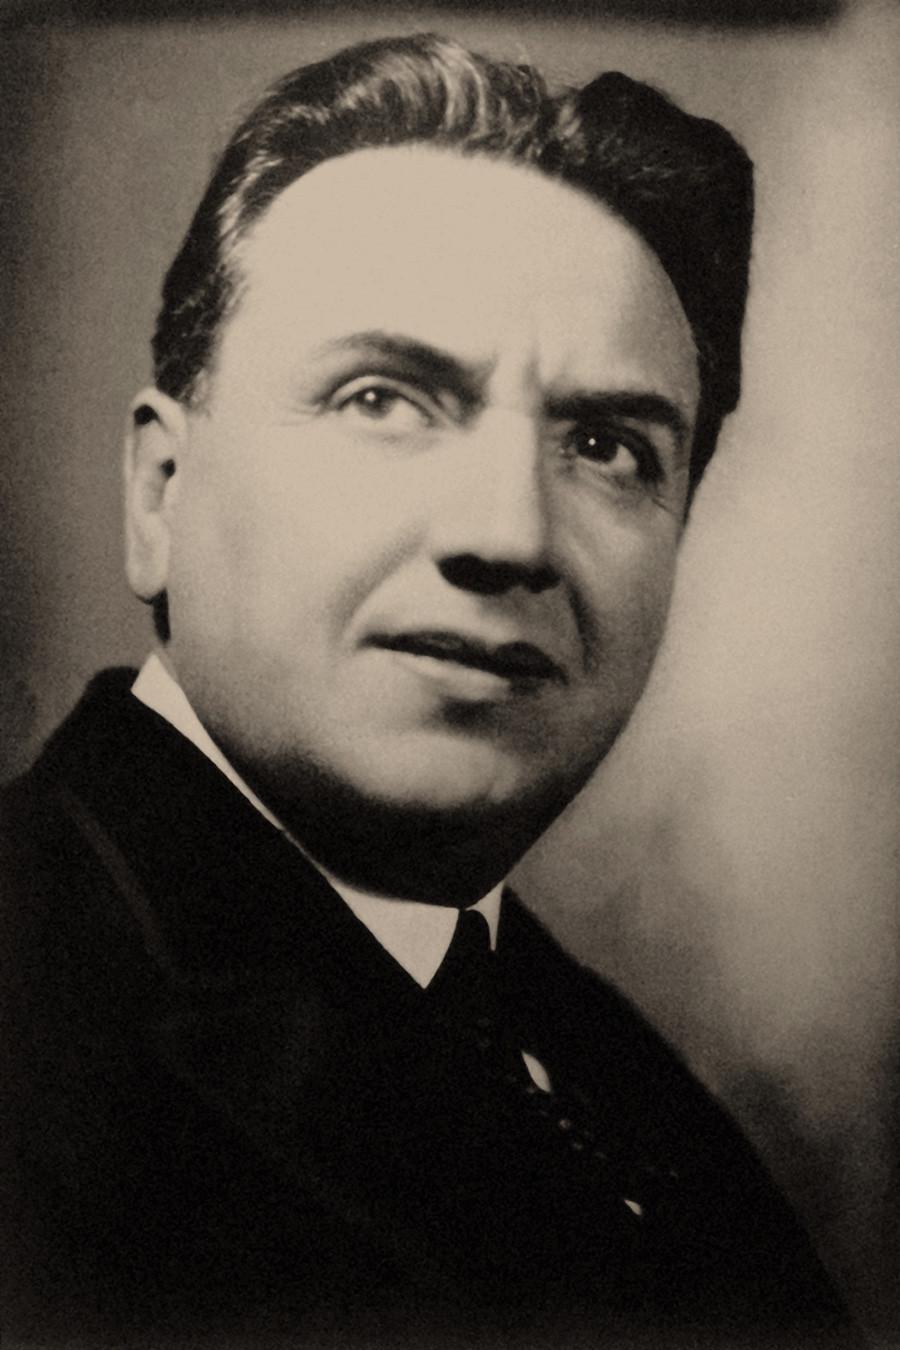 エルネスト・ボー(1881〜1961年)